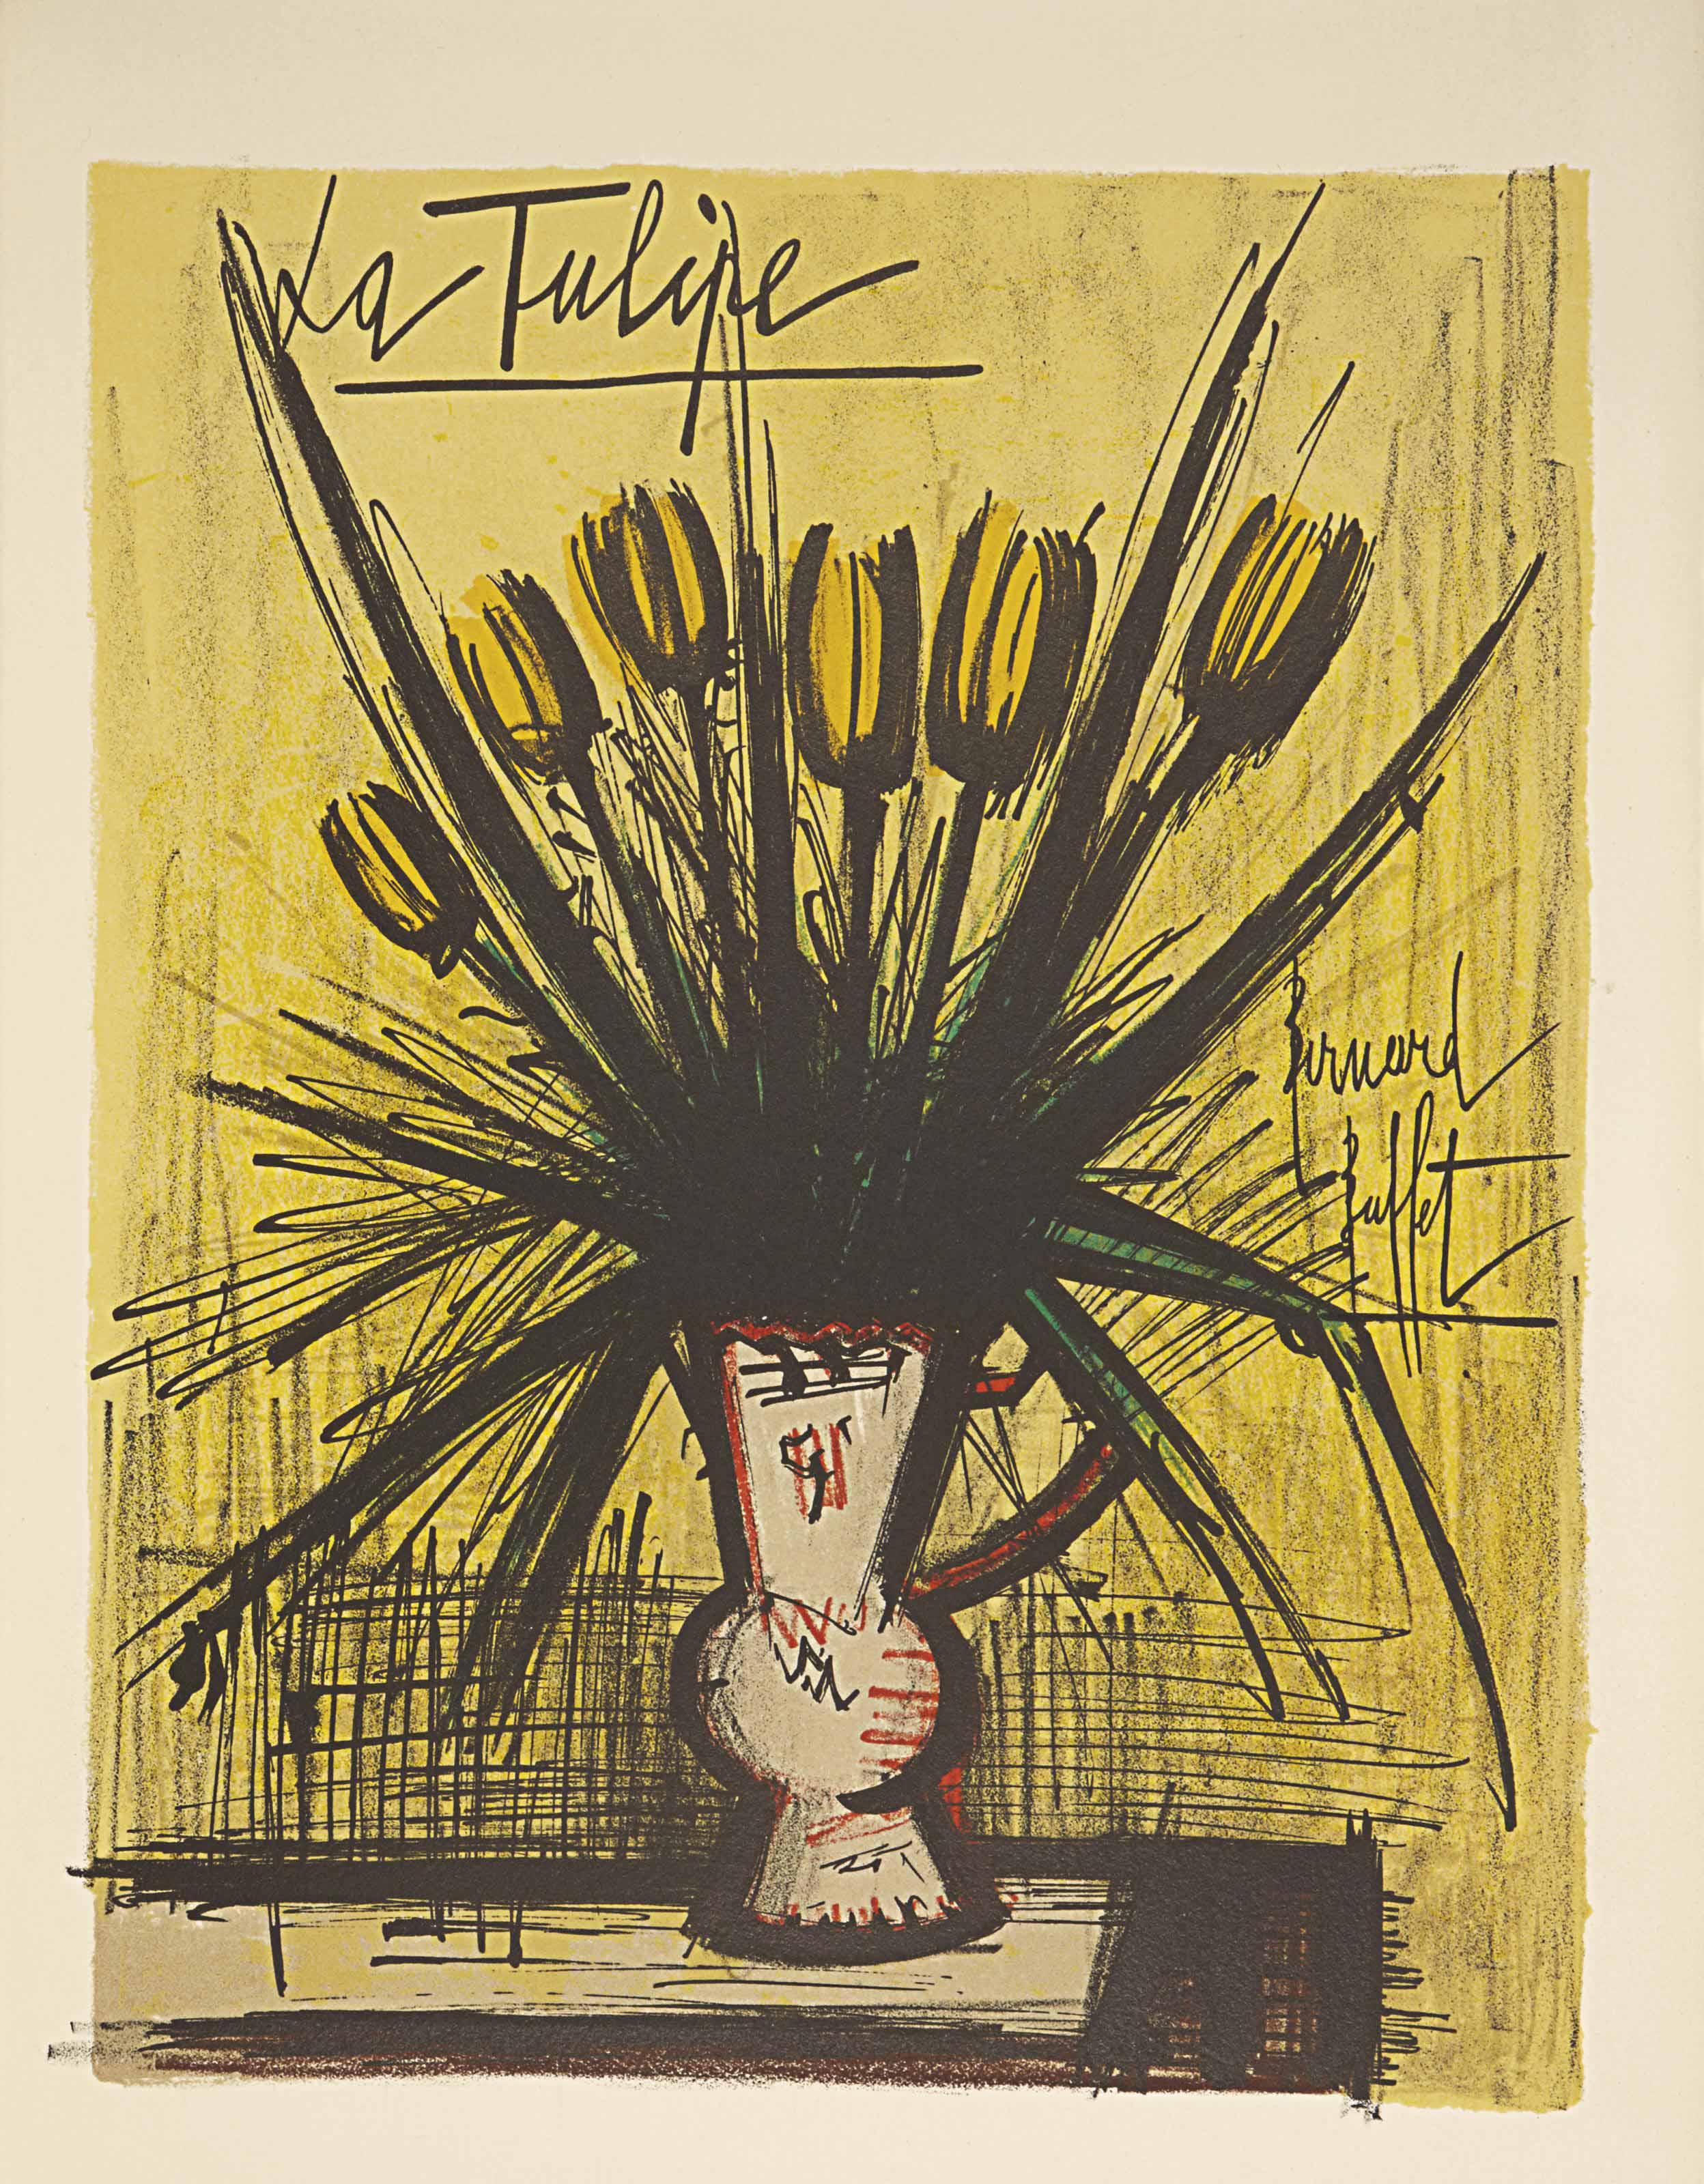 [BUFFET] -- VILMORIN, Louise de (1902-1969). Herbier de Bernard Buffet commenté par Louise de Vilmorin. Paris: Mazo, septembre 1966. In-folio (438 x 320 mm). 16 lithographies originales de Bernard Buffet dont un frontispice à double page et 15 à pleine page. En feuilles, chemise et étui de l'éditeur.